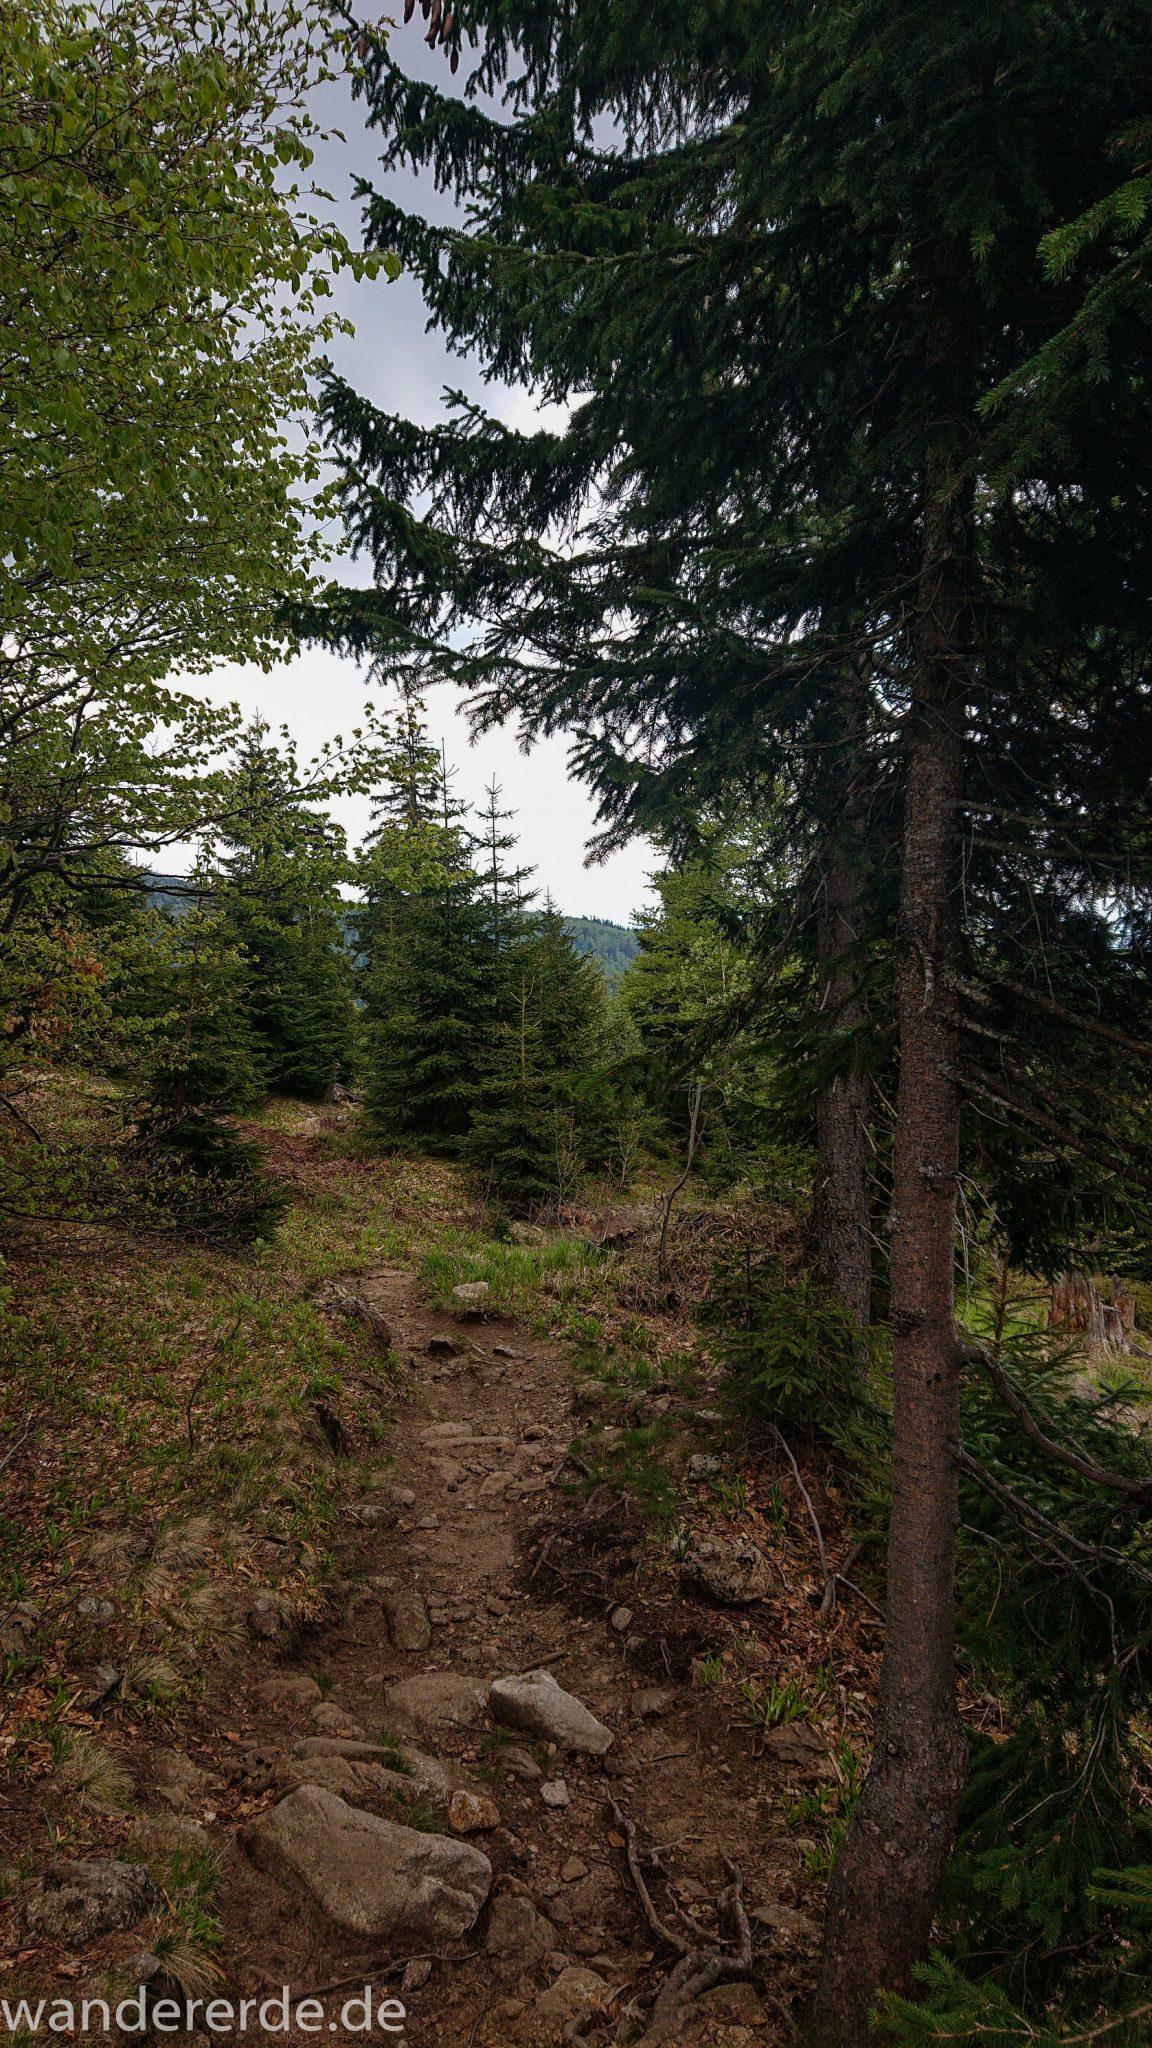 Wanderung Großer Rachel im Nationalpark Bayerischer Wald, Start Parkplatz Oberfrauenau, abwechslungsreicher Wanderweg, auf schmalem Pfad über Stock und Stein, schöner dichter Wald, Laubbaum, Nadelbaum